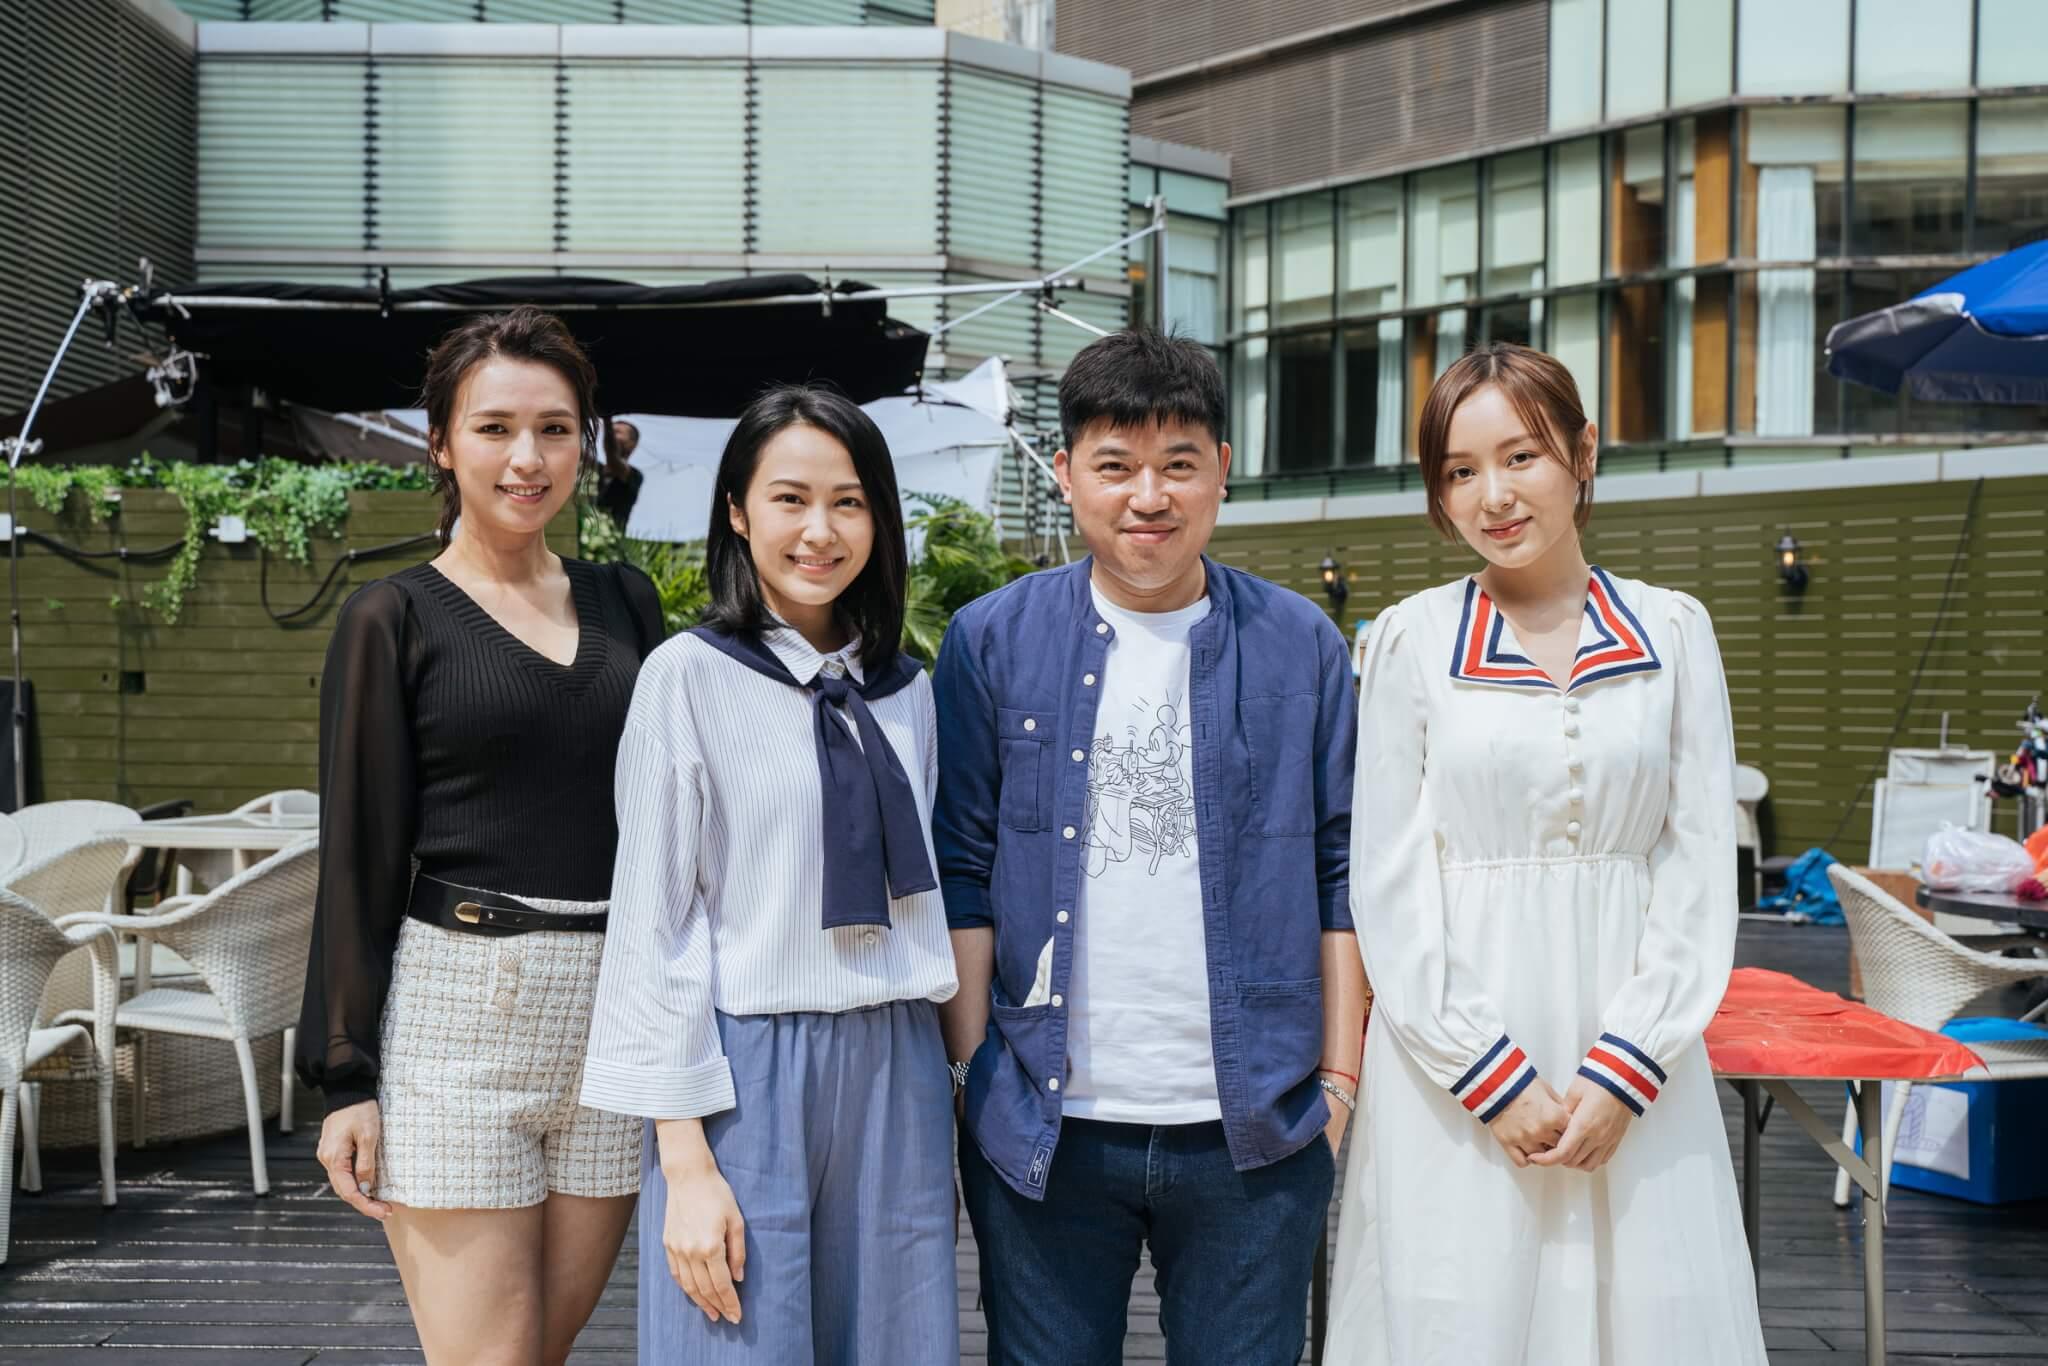 湯怡、何佩瑜、孫慧雪出席葉念琛執導的電影《盲女驚魂》開鏡拜神。